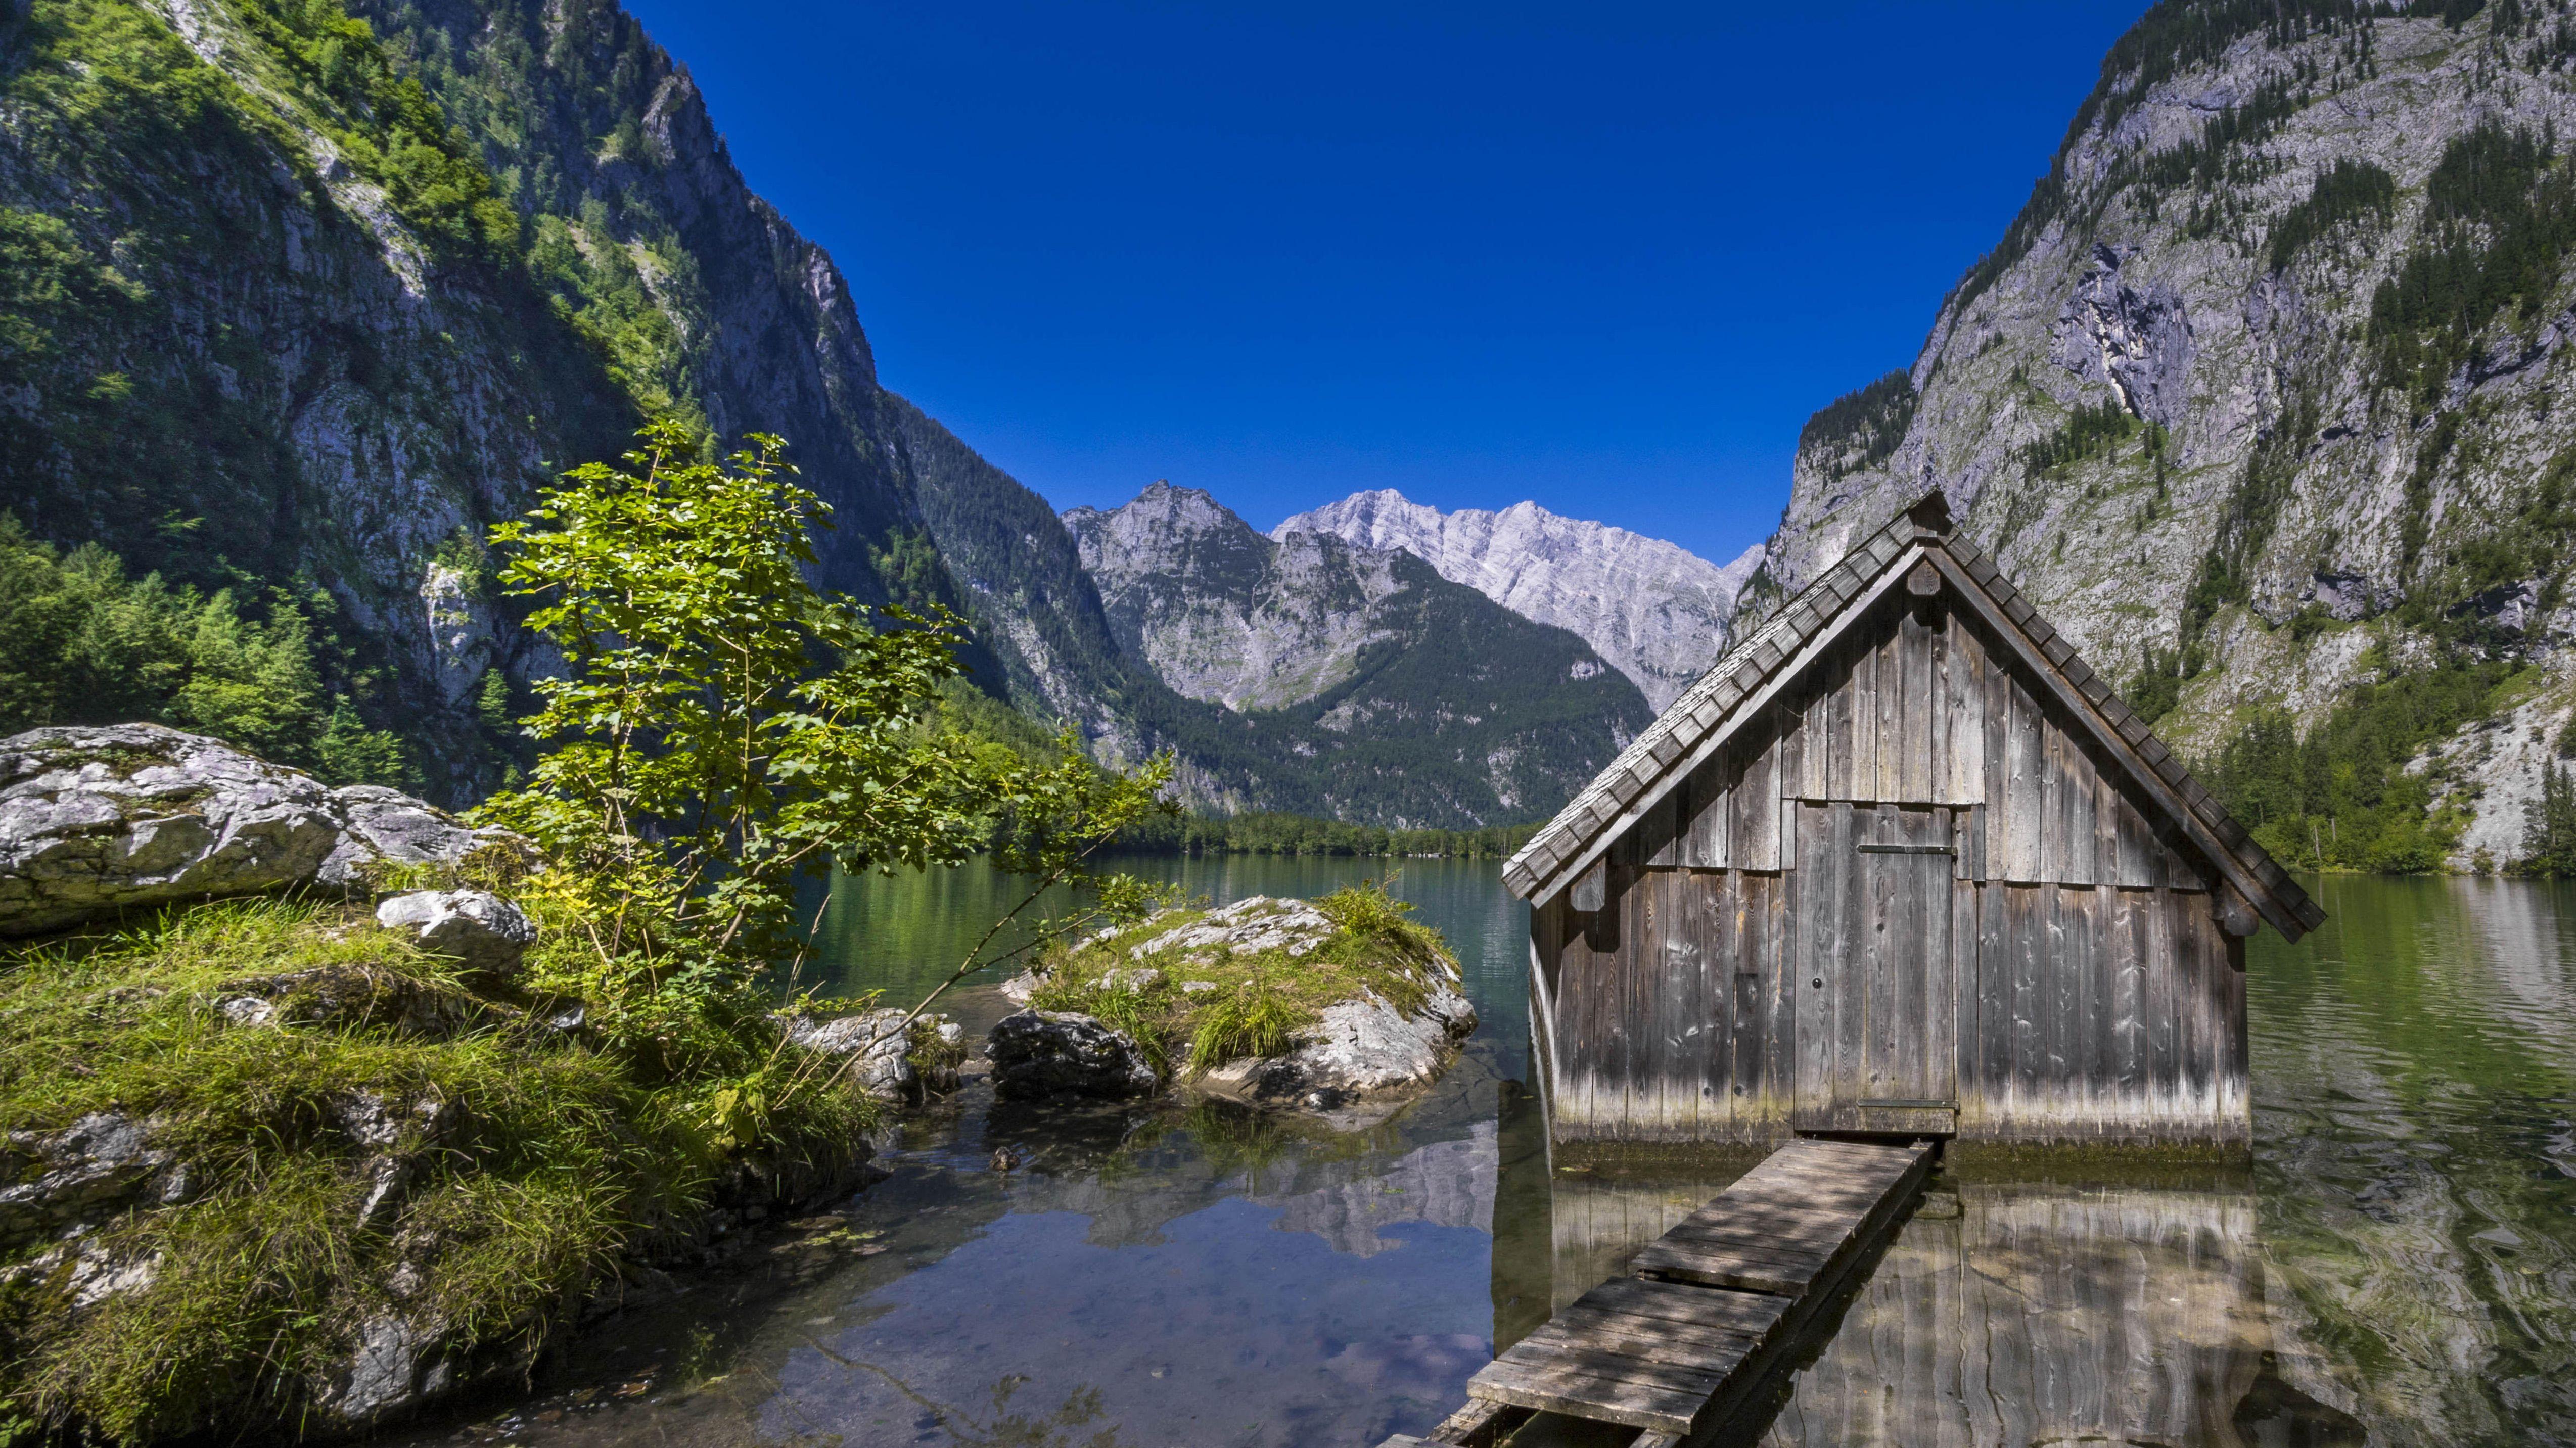 Der Obersee im bayerischen Nationalpark Berchtesgaden, dahinter das Watzmann-Massiv vor strahlend blauem Himmel